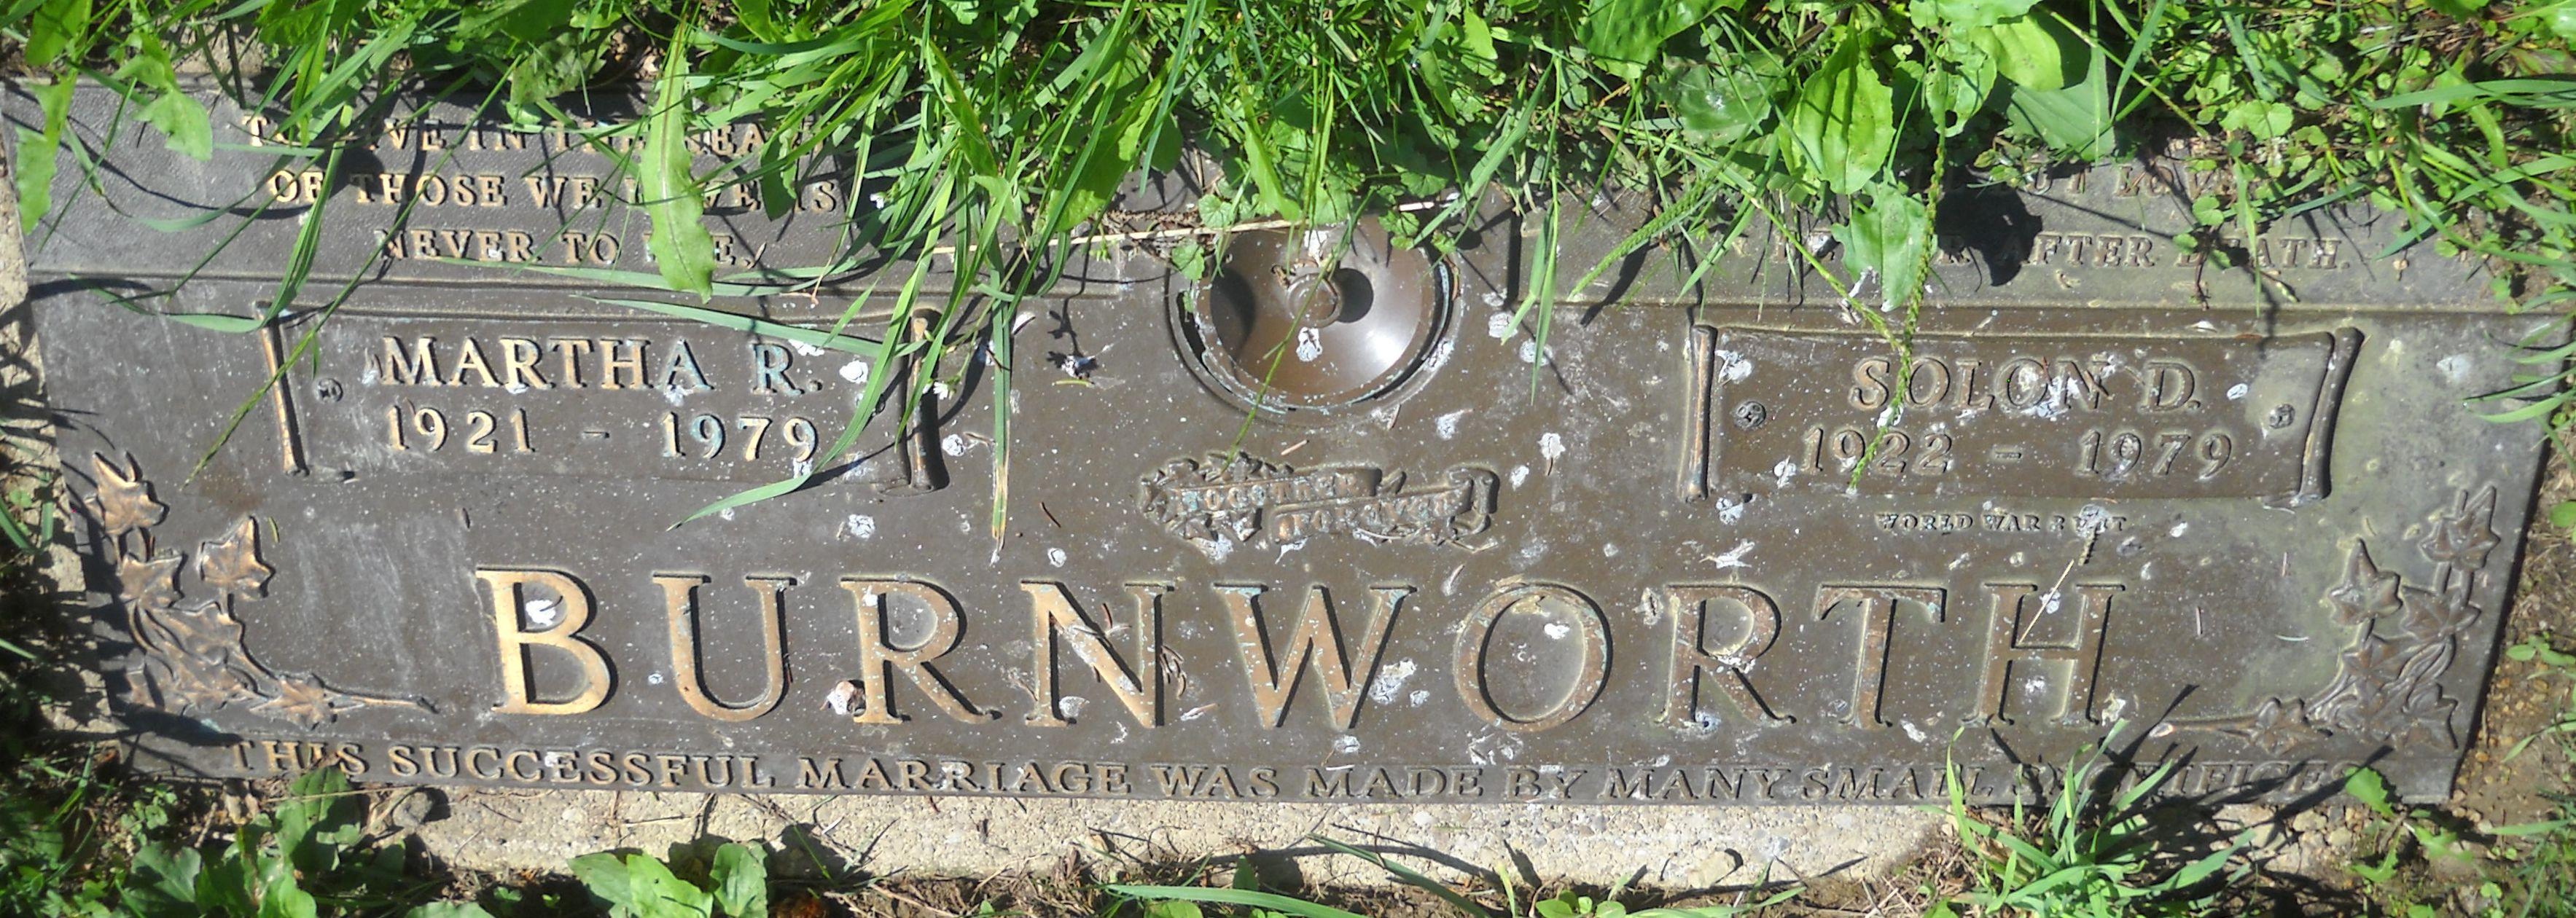 Martha R. Burnworth